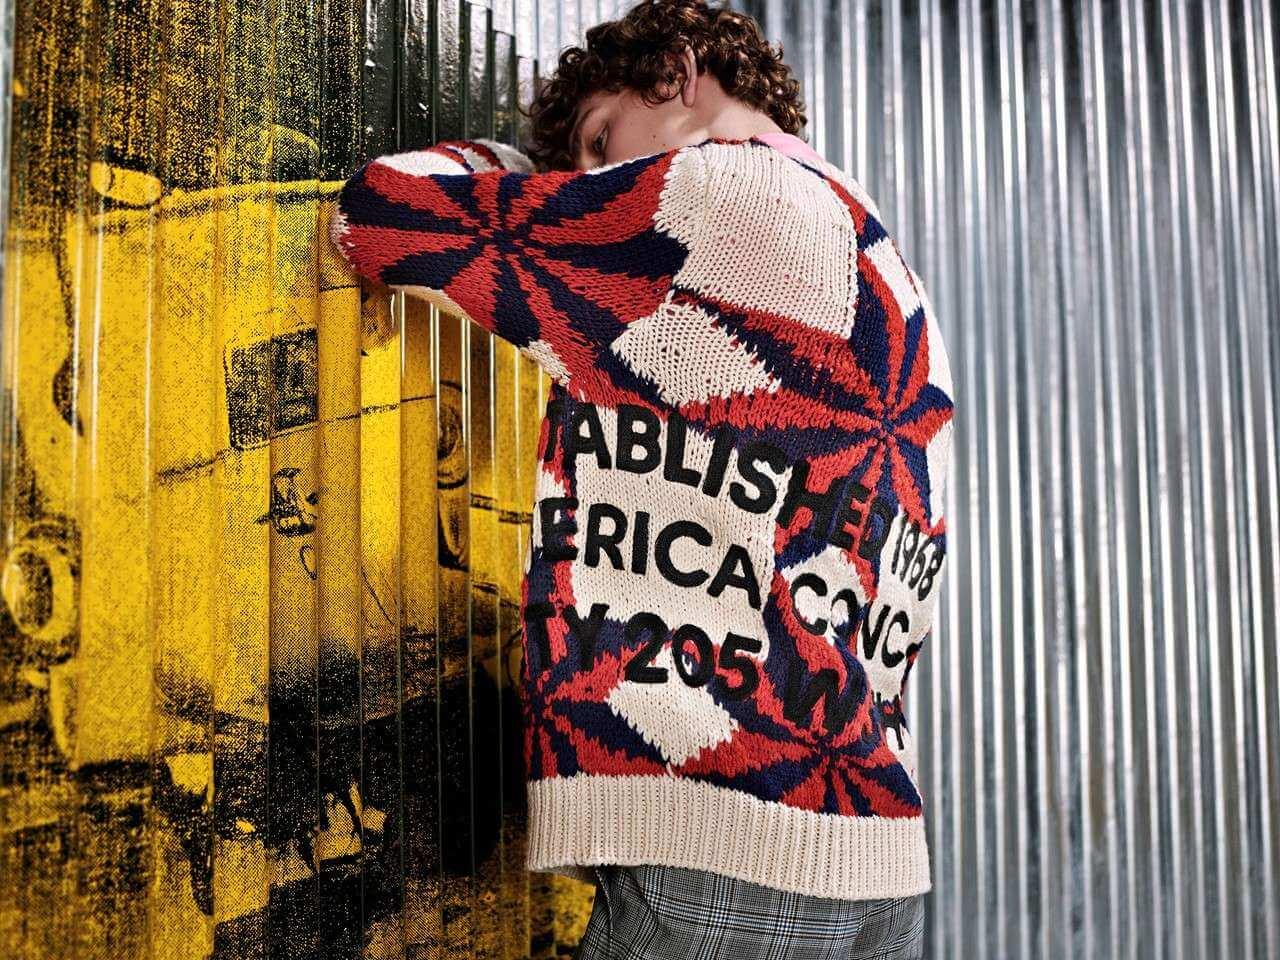 Así se ve la nueva colección de Raf Simons para Calvin Klein inspirada en Andy Warhol